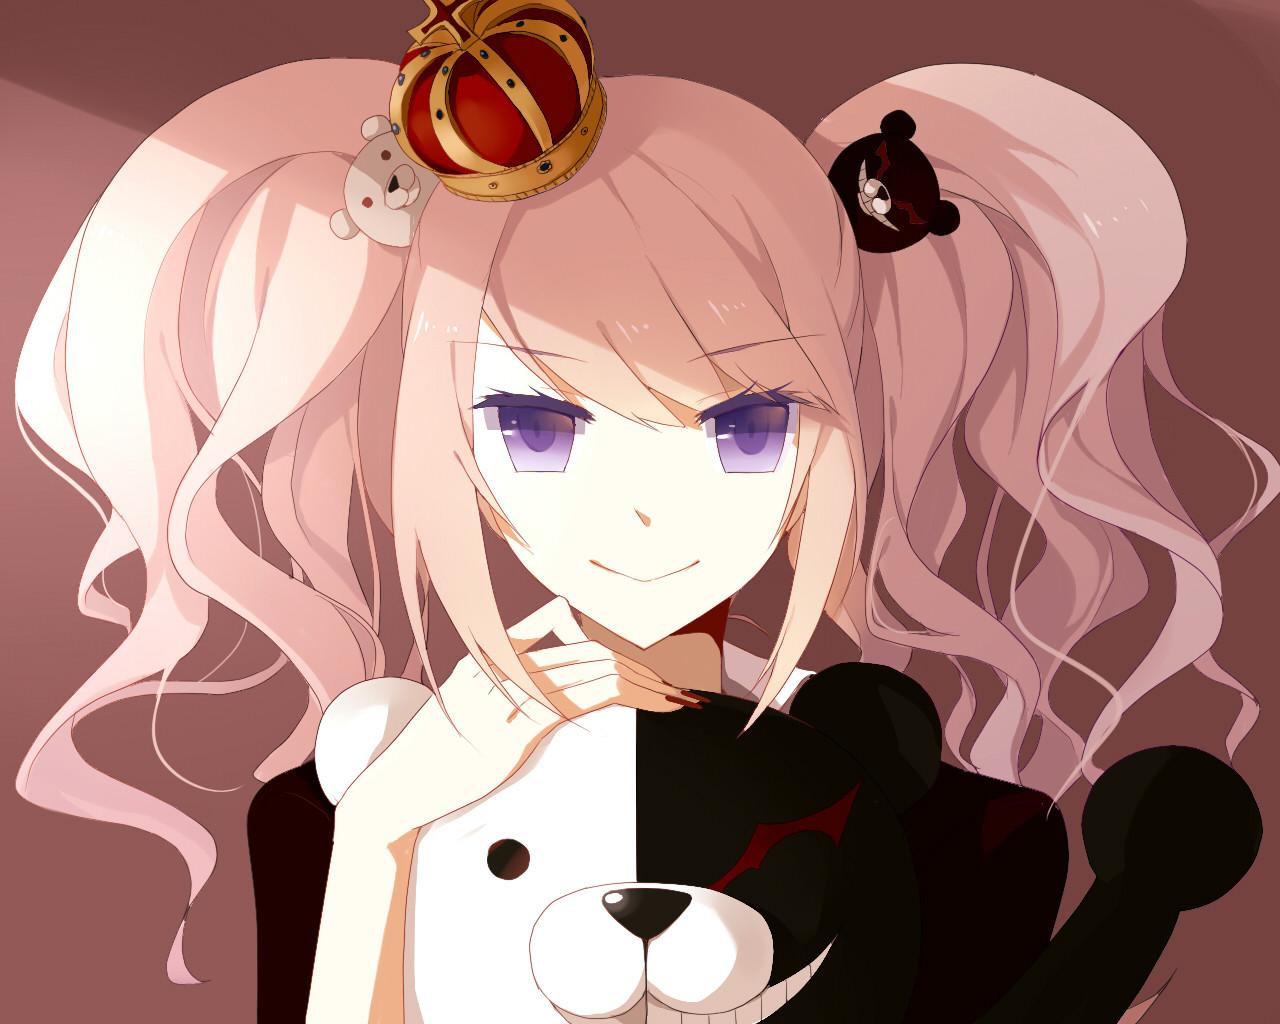 Junko Enoshima From Danganronpa Anime Fan Art 37194287